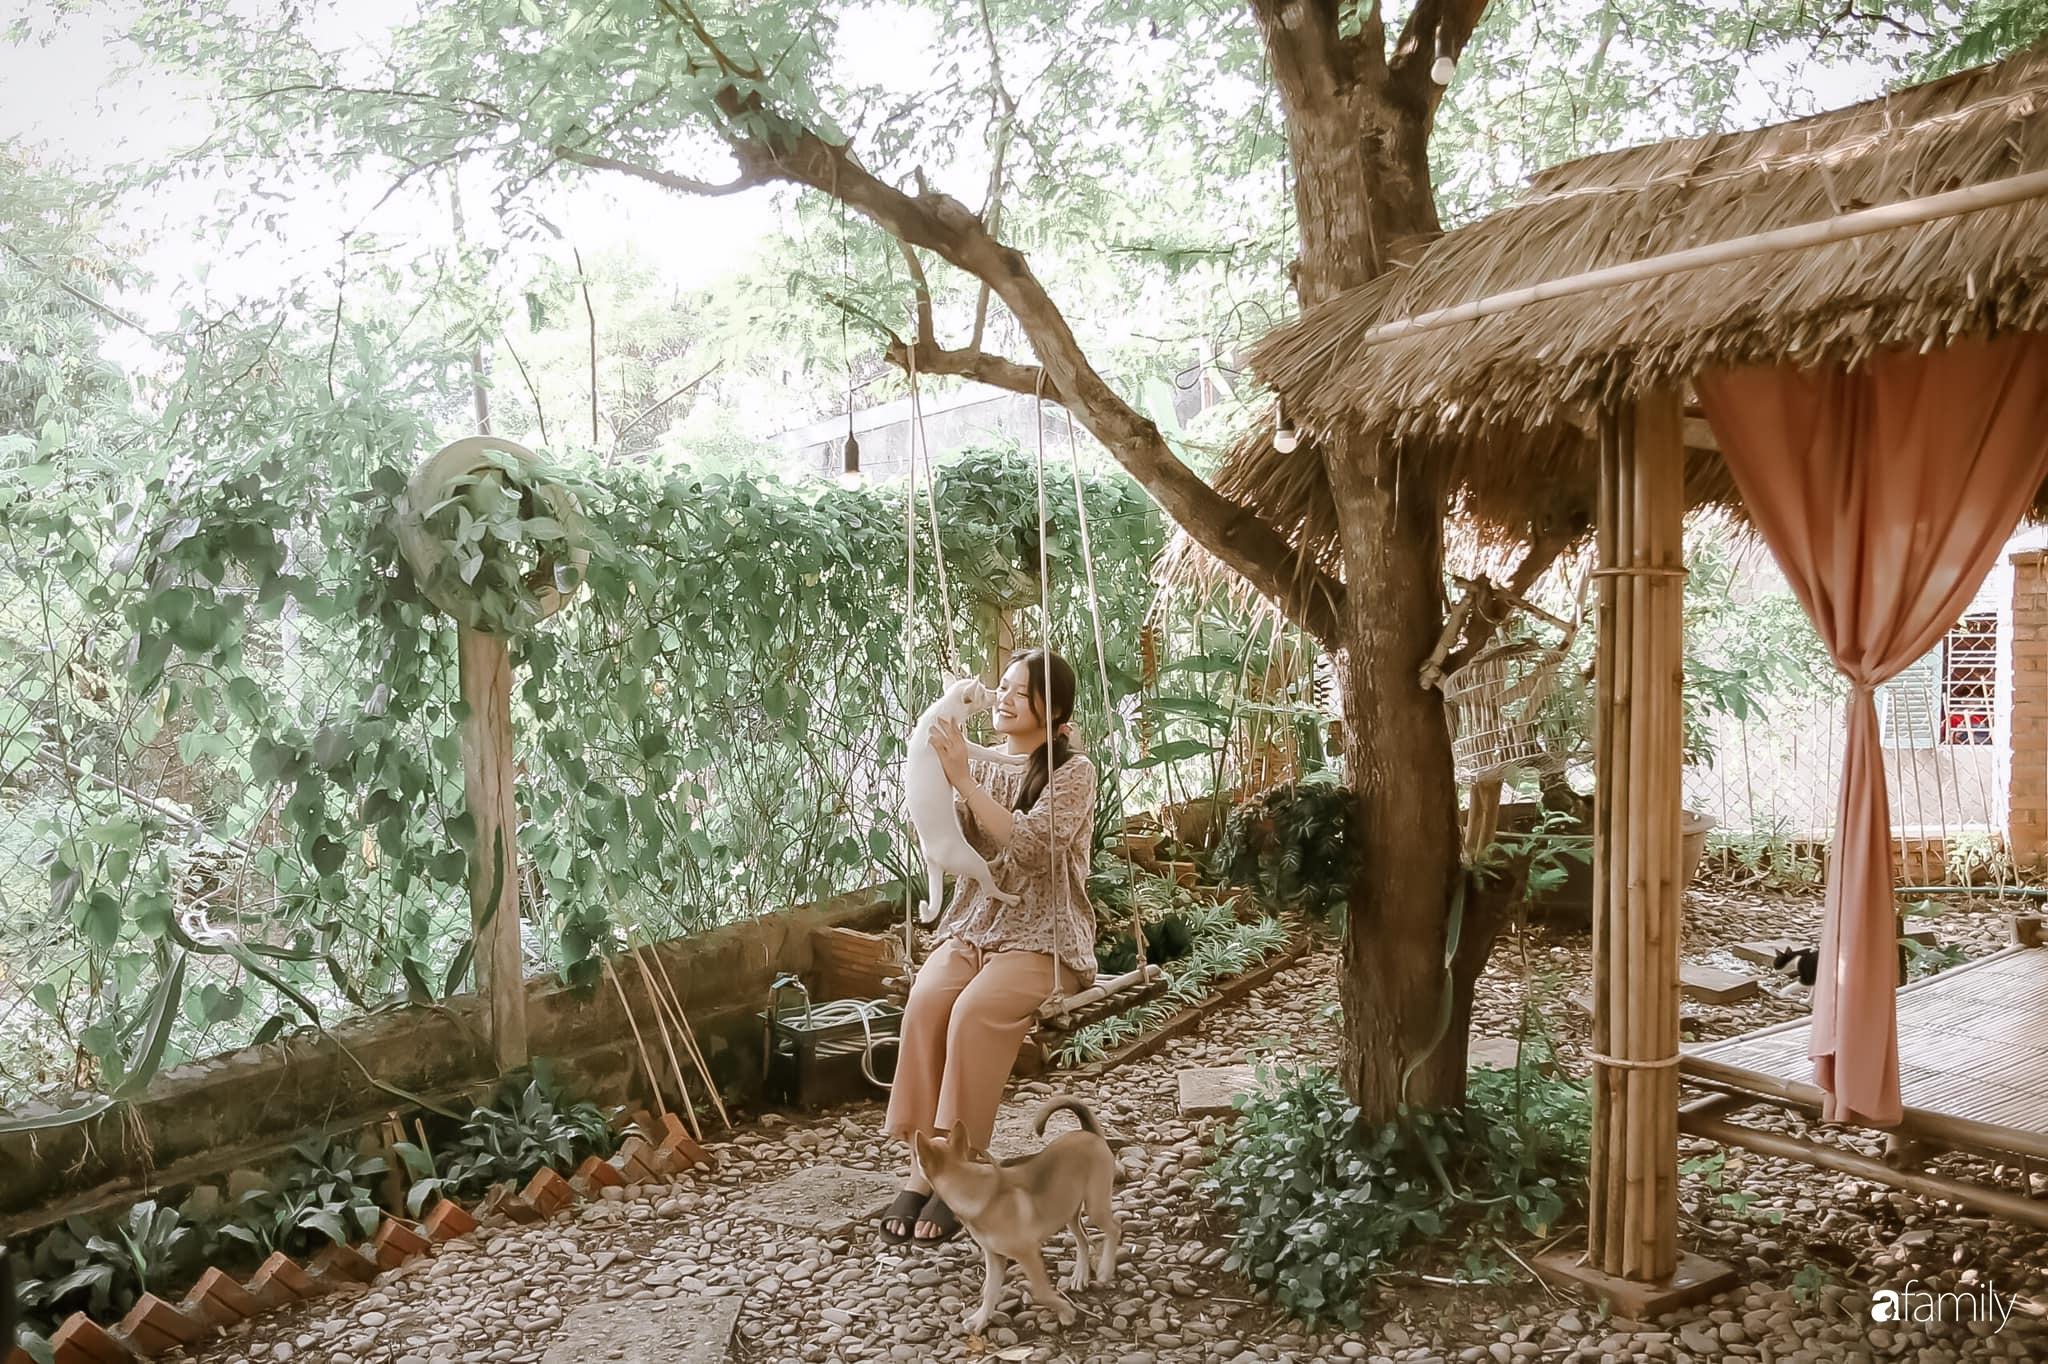 Nhà vườn dân dã, yên bình xứ Huế - Ảnh 3.